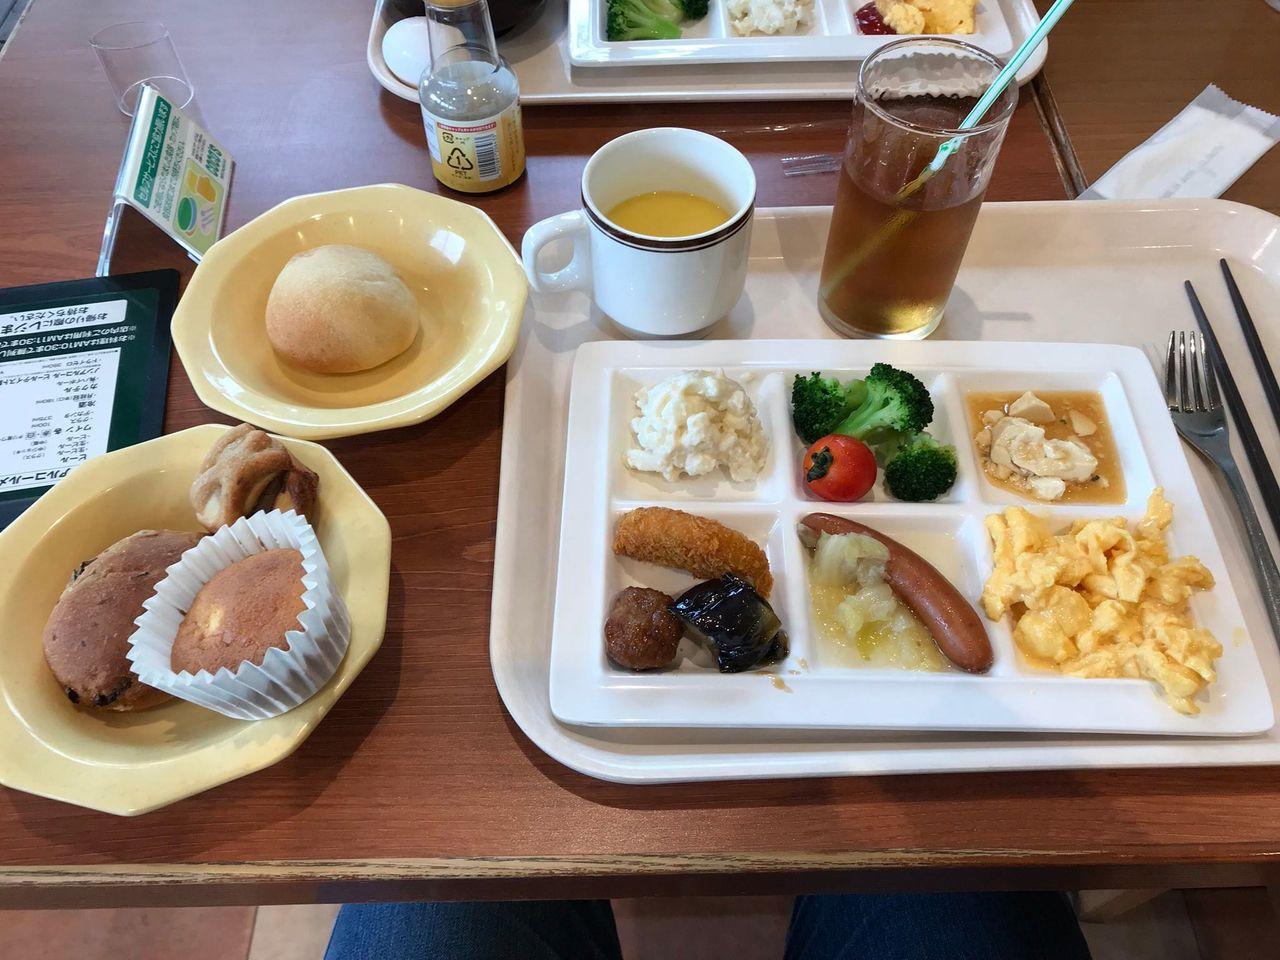 【最強コスパ】ココスの朝食バイキング680円wwwww